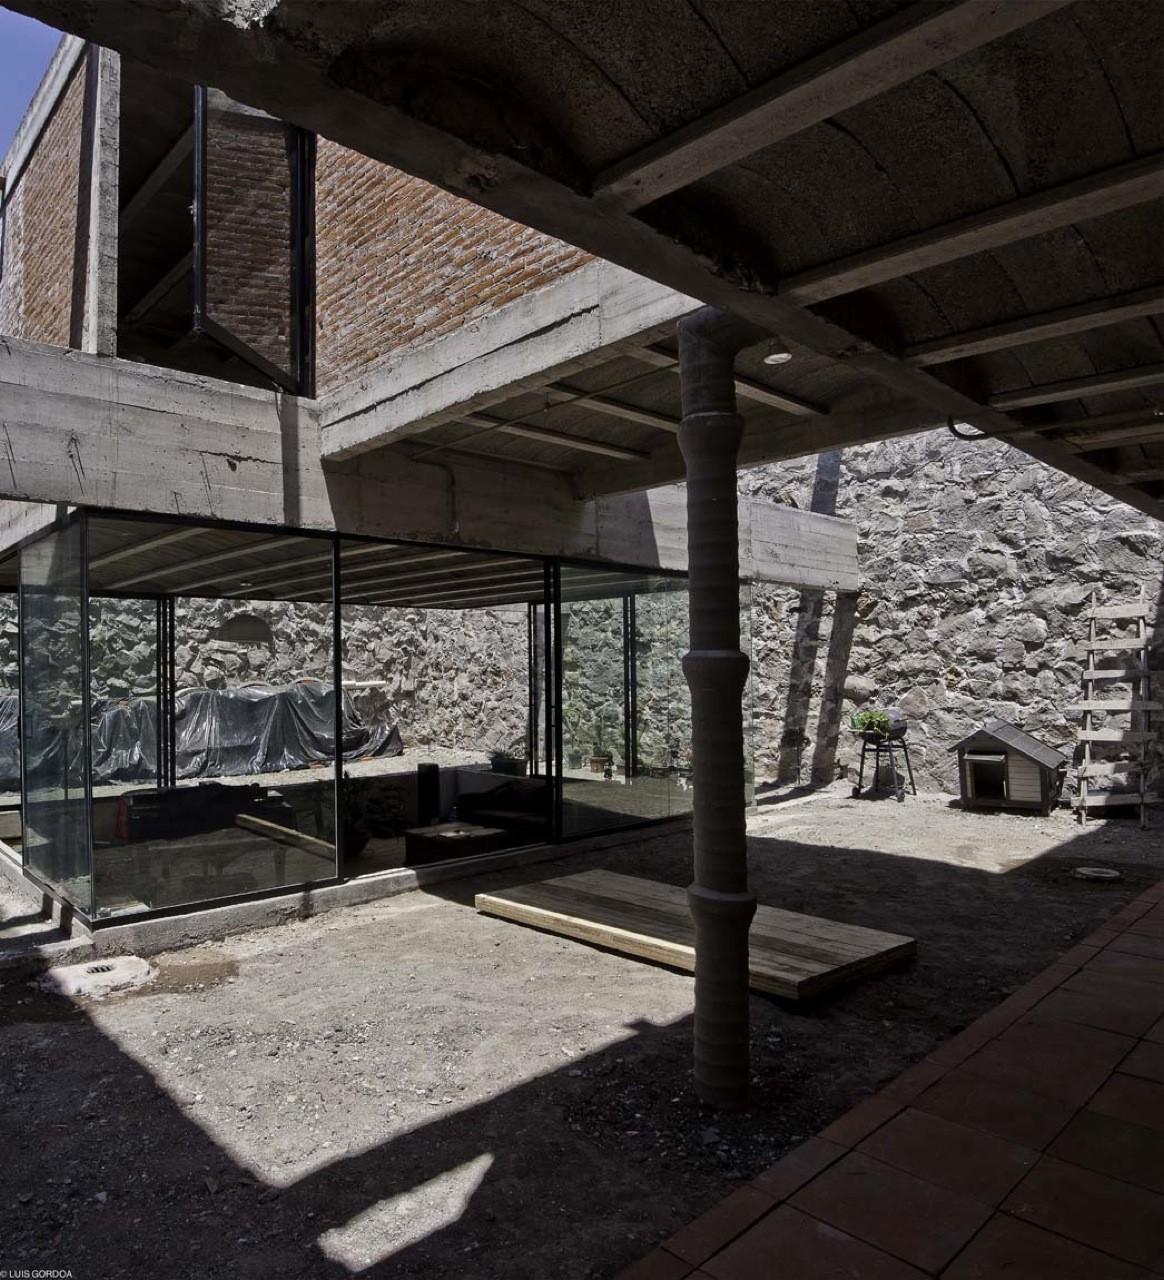 Materka House / T3arc, © Luis Gordoa